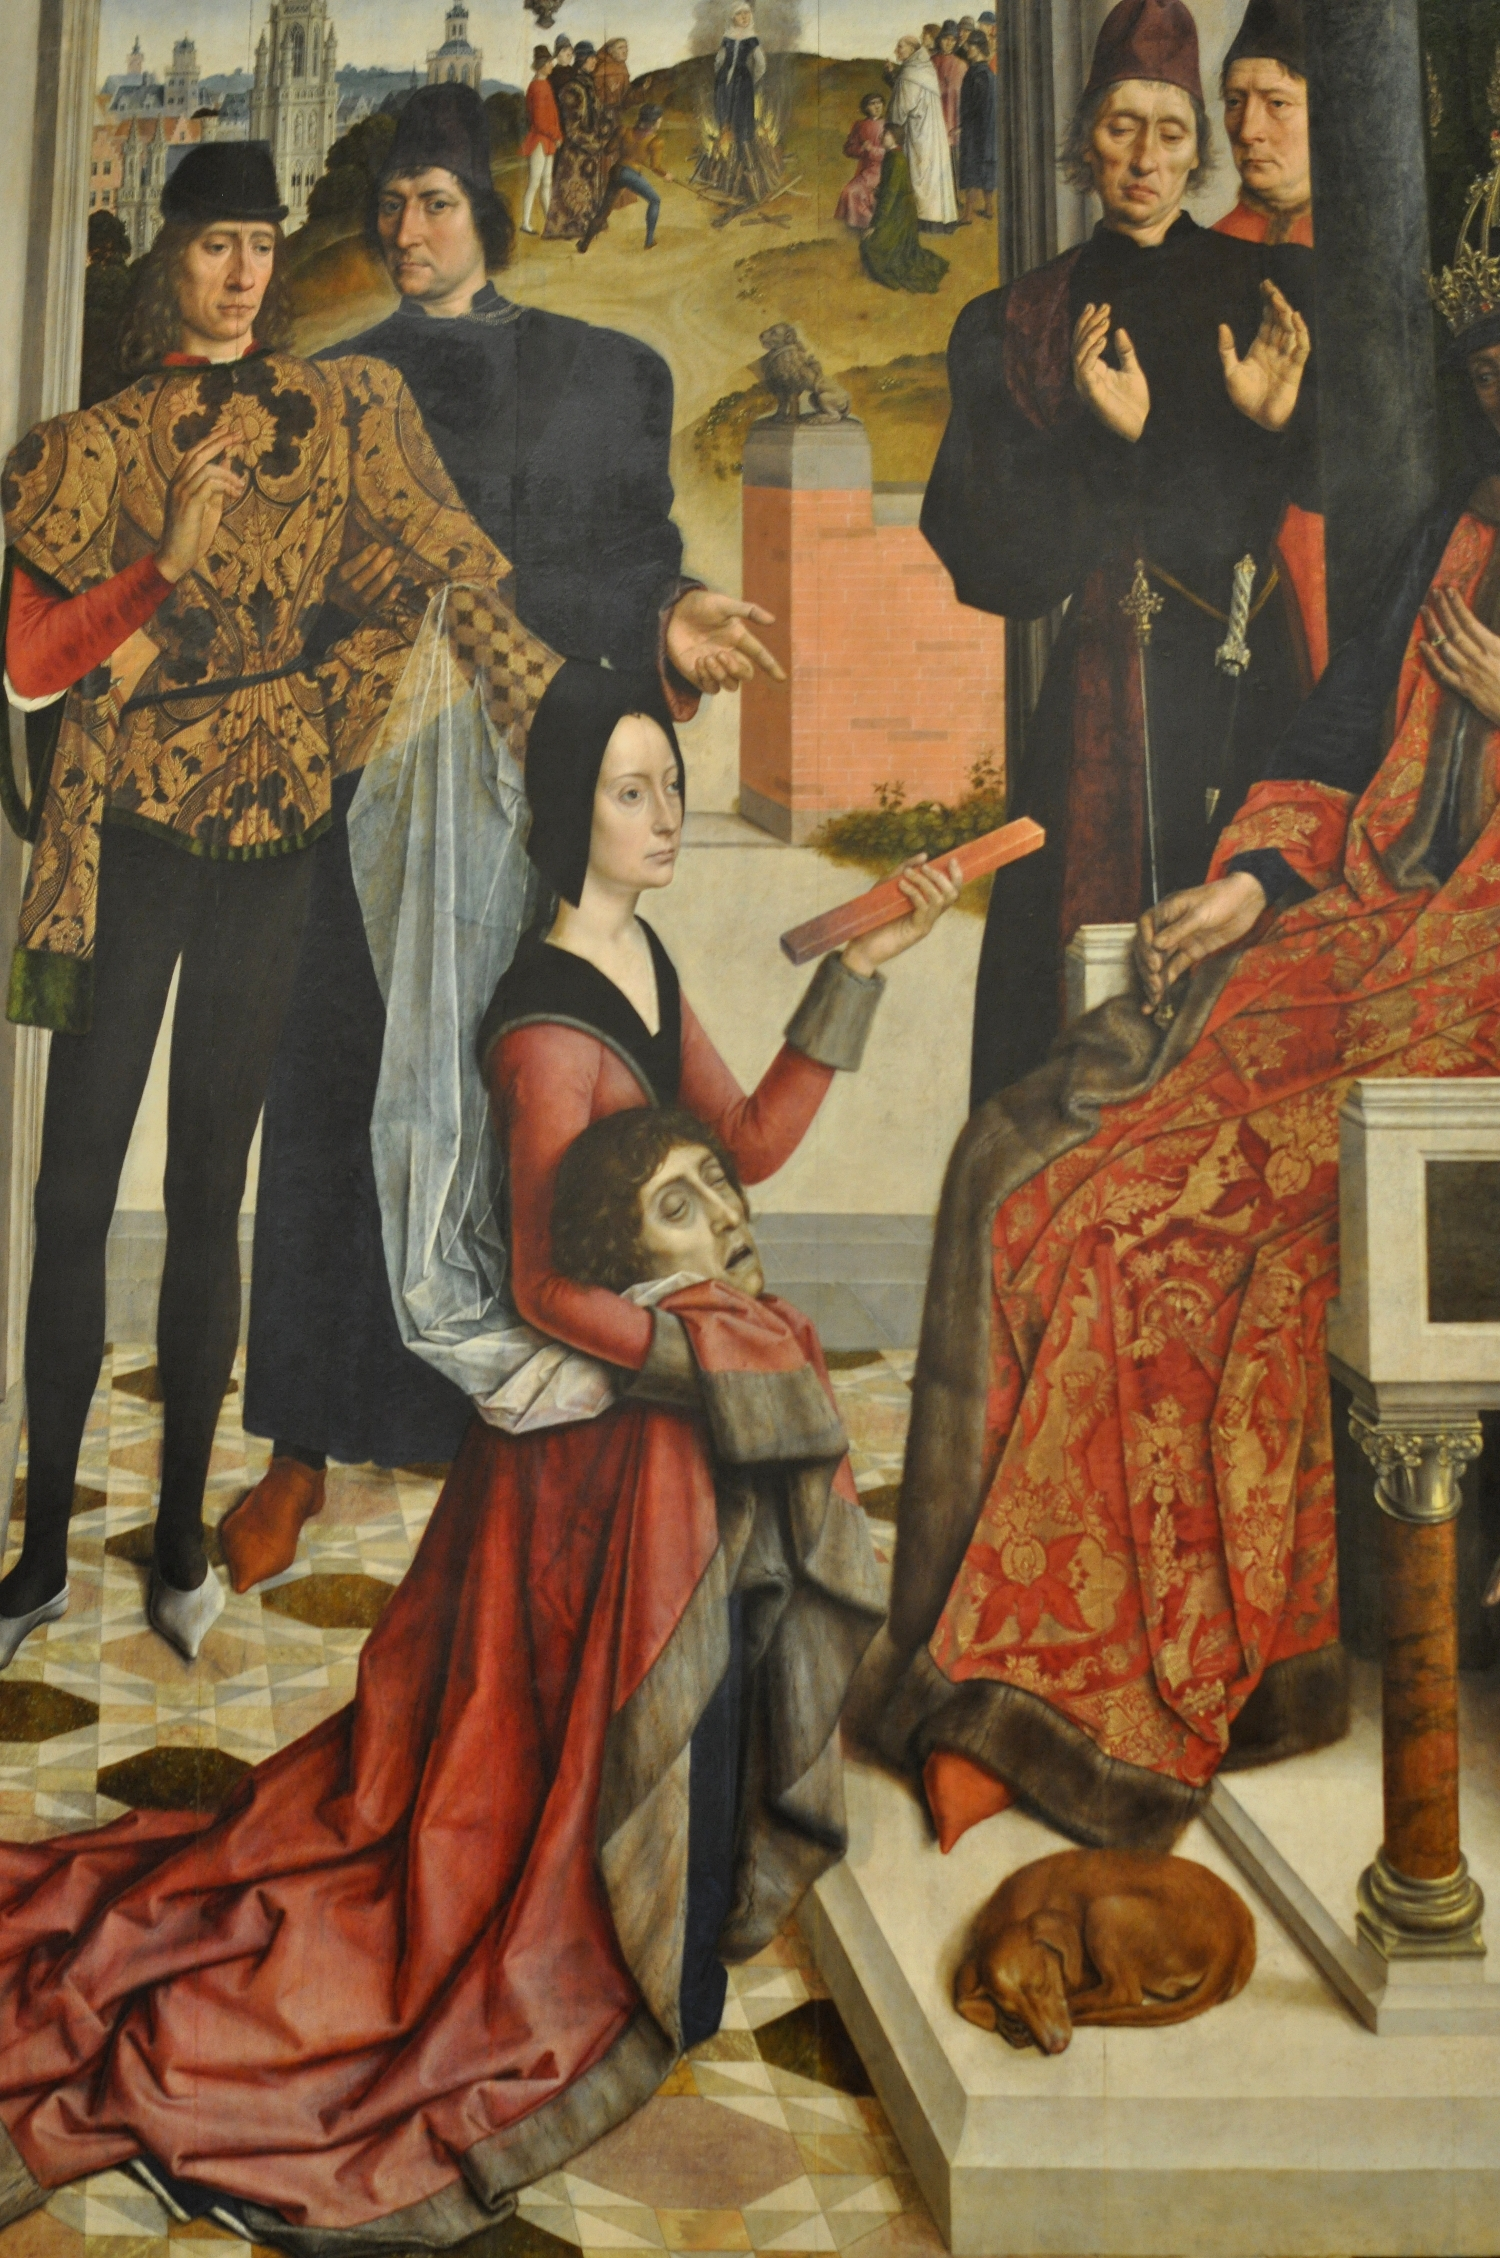 rocaille-blog-bruxelles-musees-royaux-des-beaux-arts-flemish-art-7